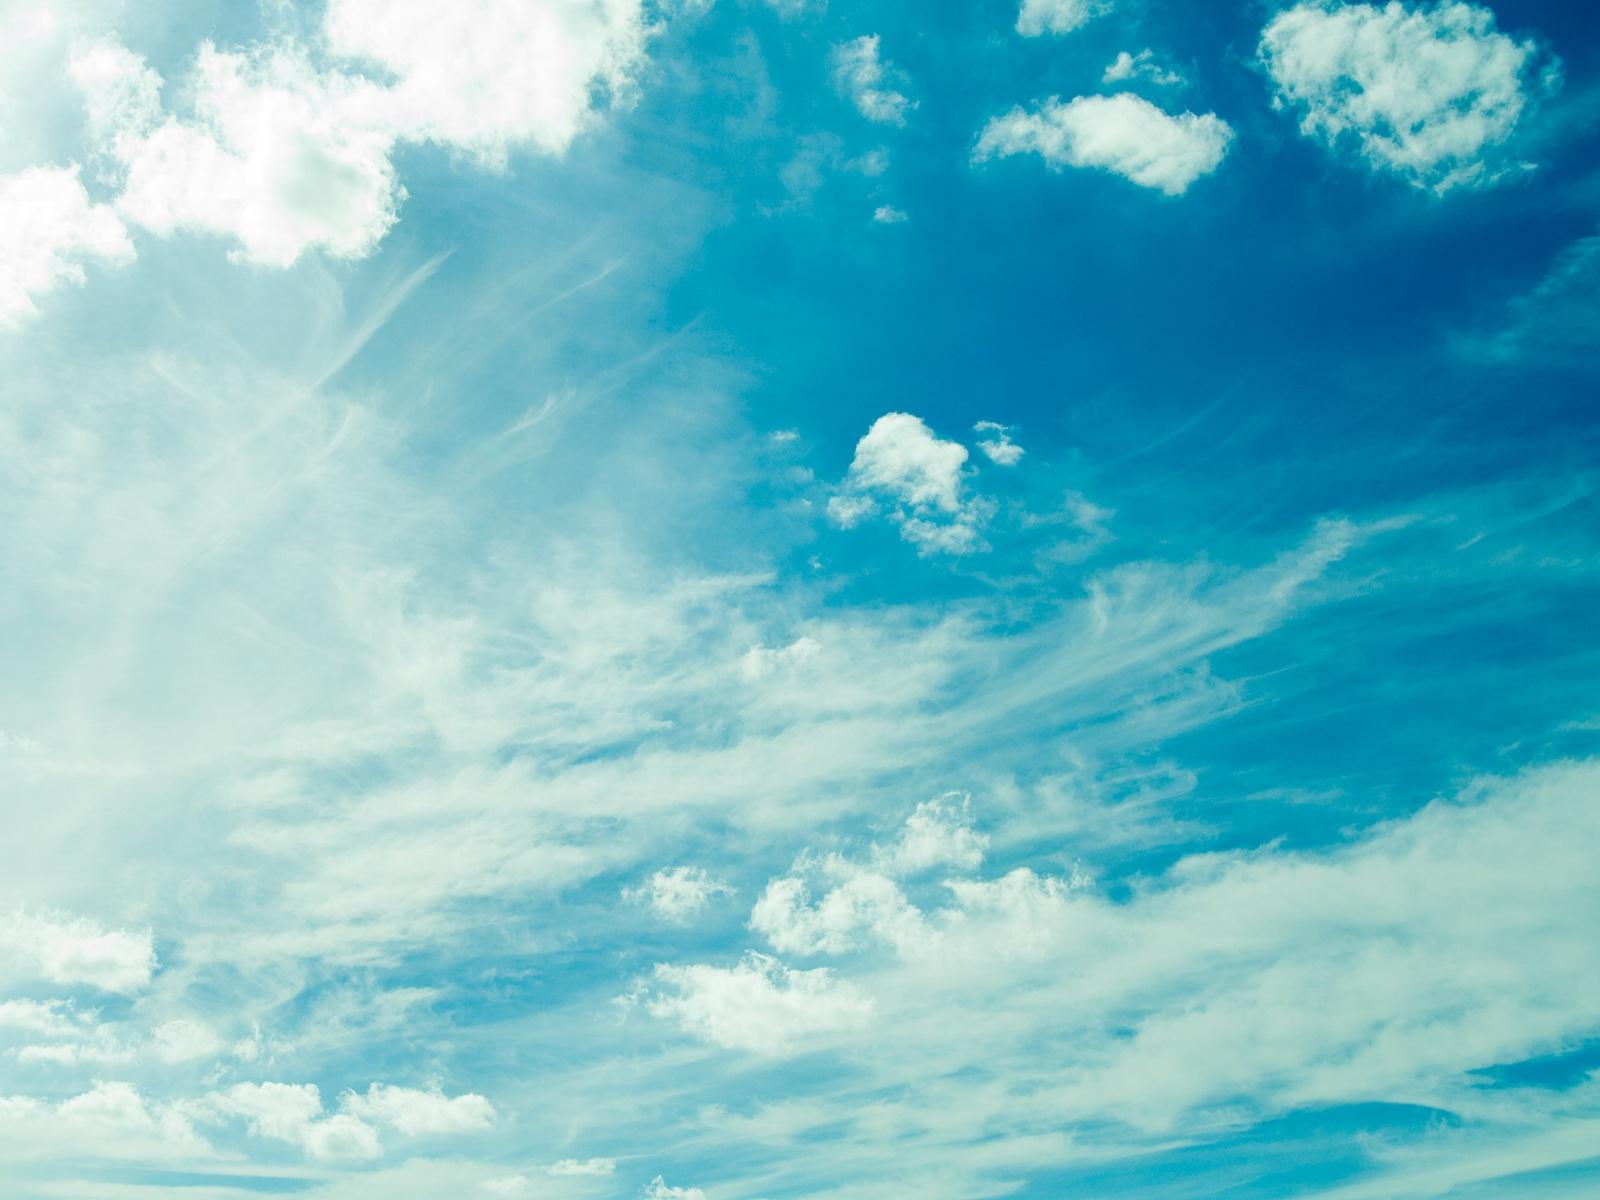 5011-nuages-dans-le-ciel-viaa